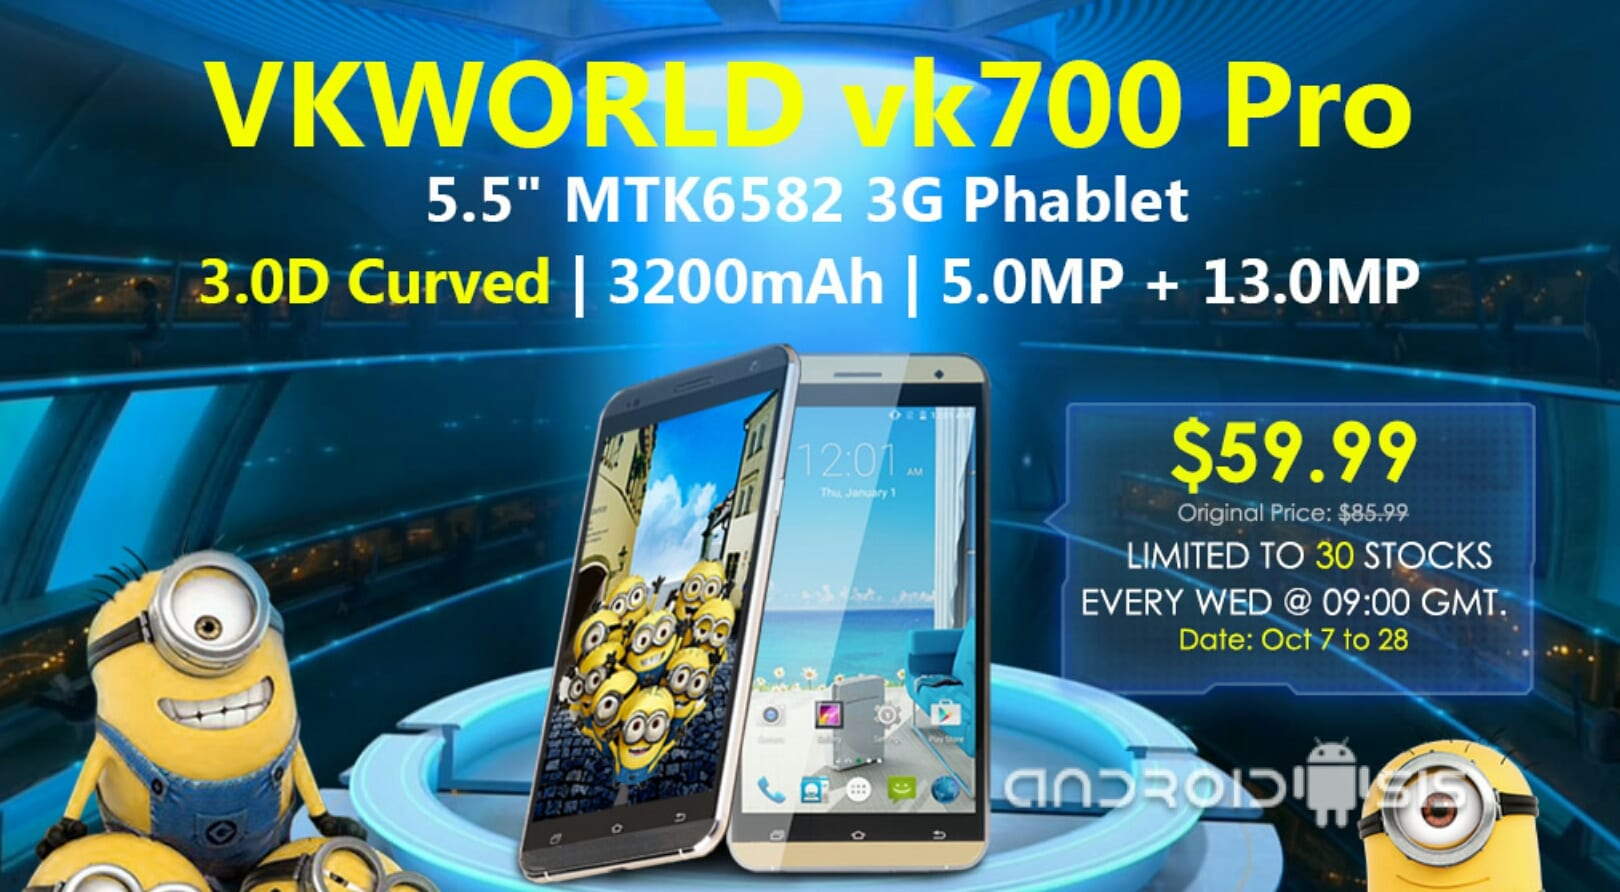 Cómo conseguir un Phablet VKWORLD vk700 Pro por tan solo 52 euros